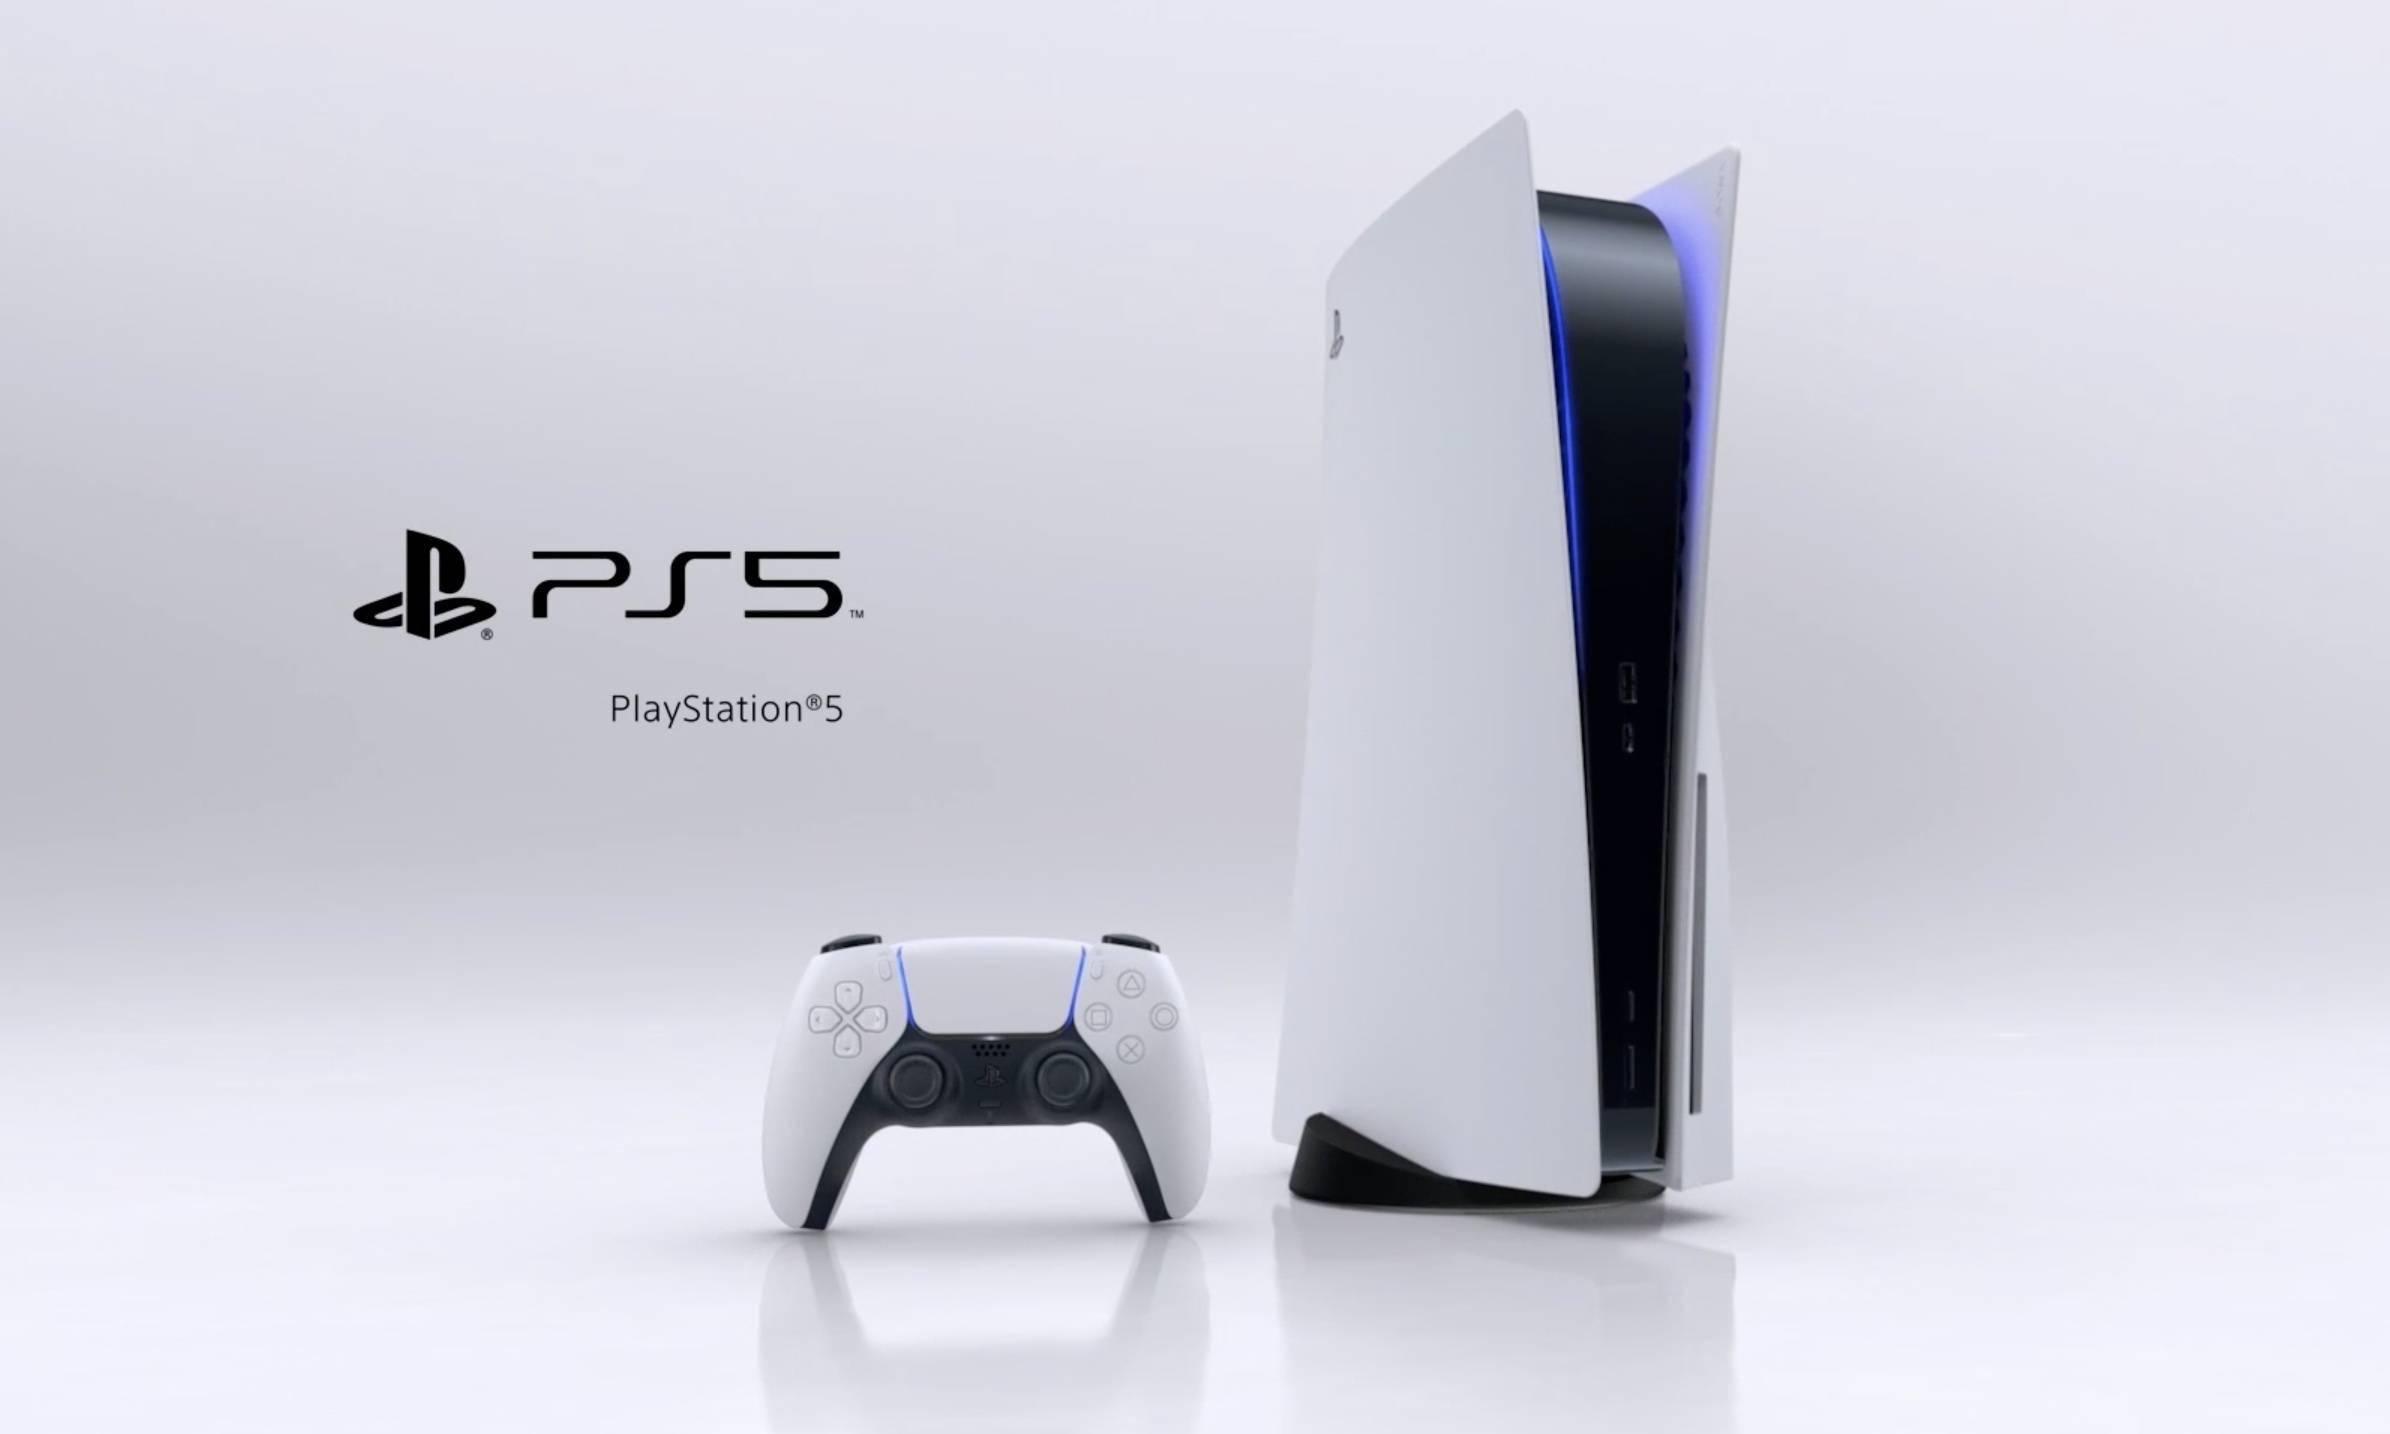 背刺PS5用戶?索尼PS5輕薄版曝光:6nm芯片,價格